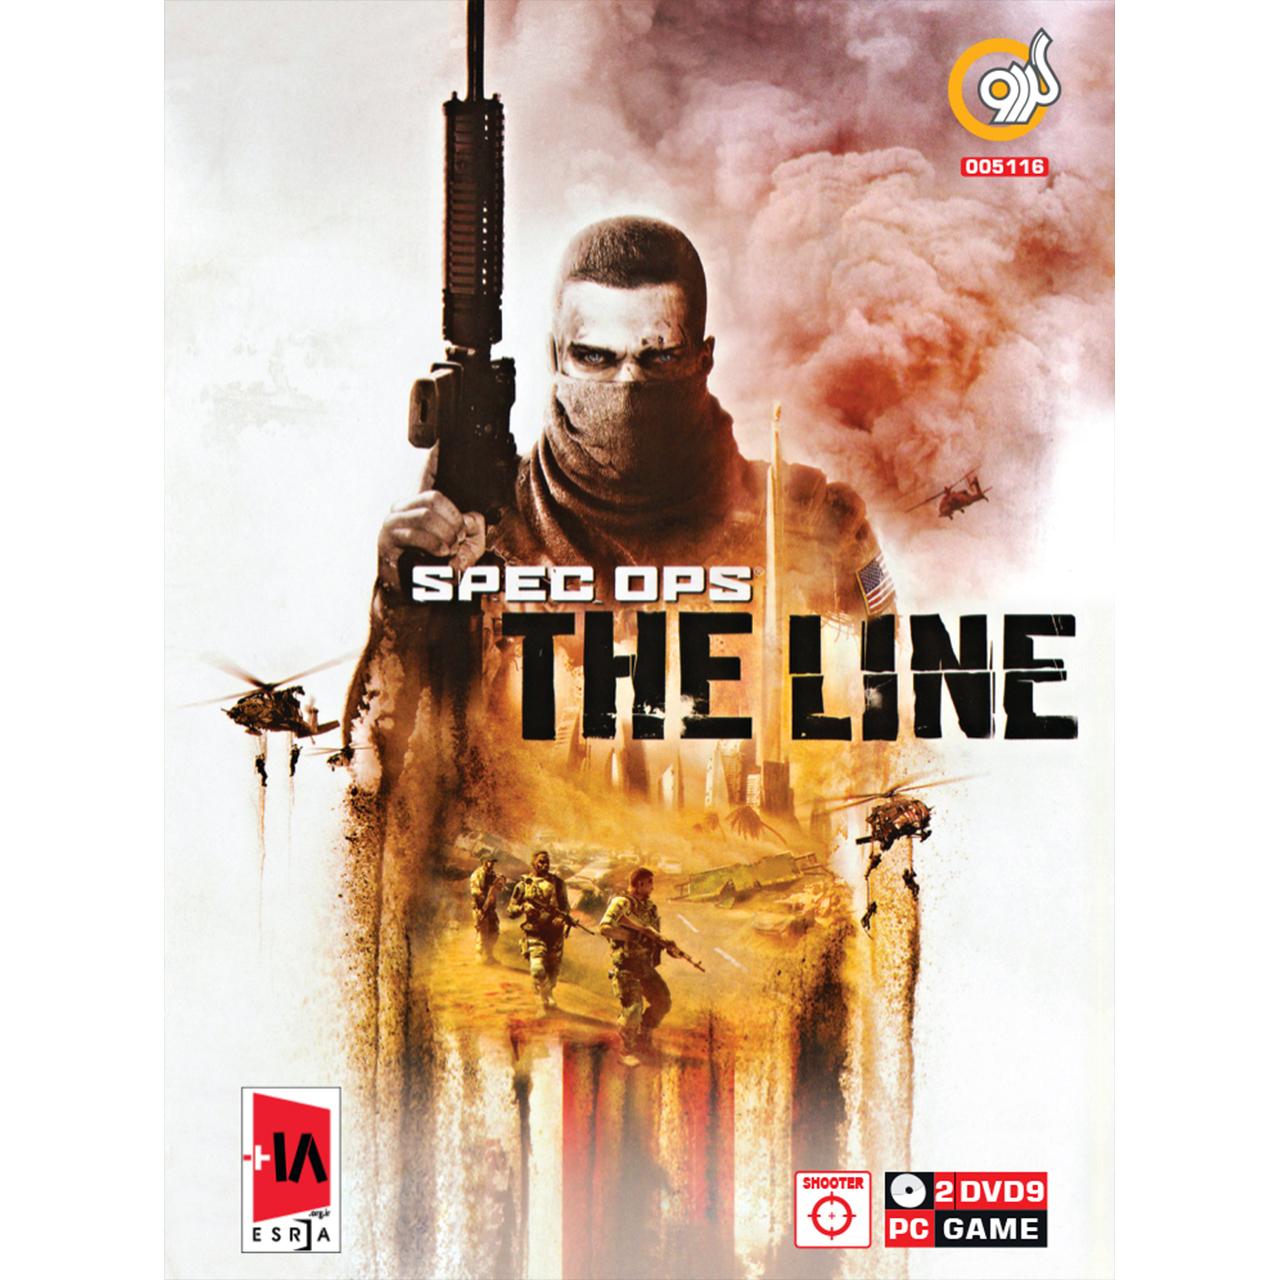 بازی Spec Ops The Line گردو مخصوص PC